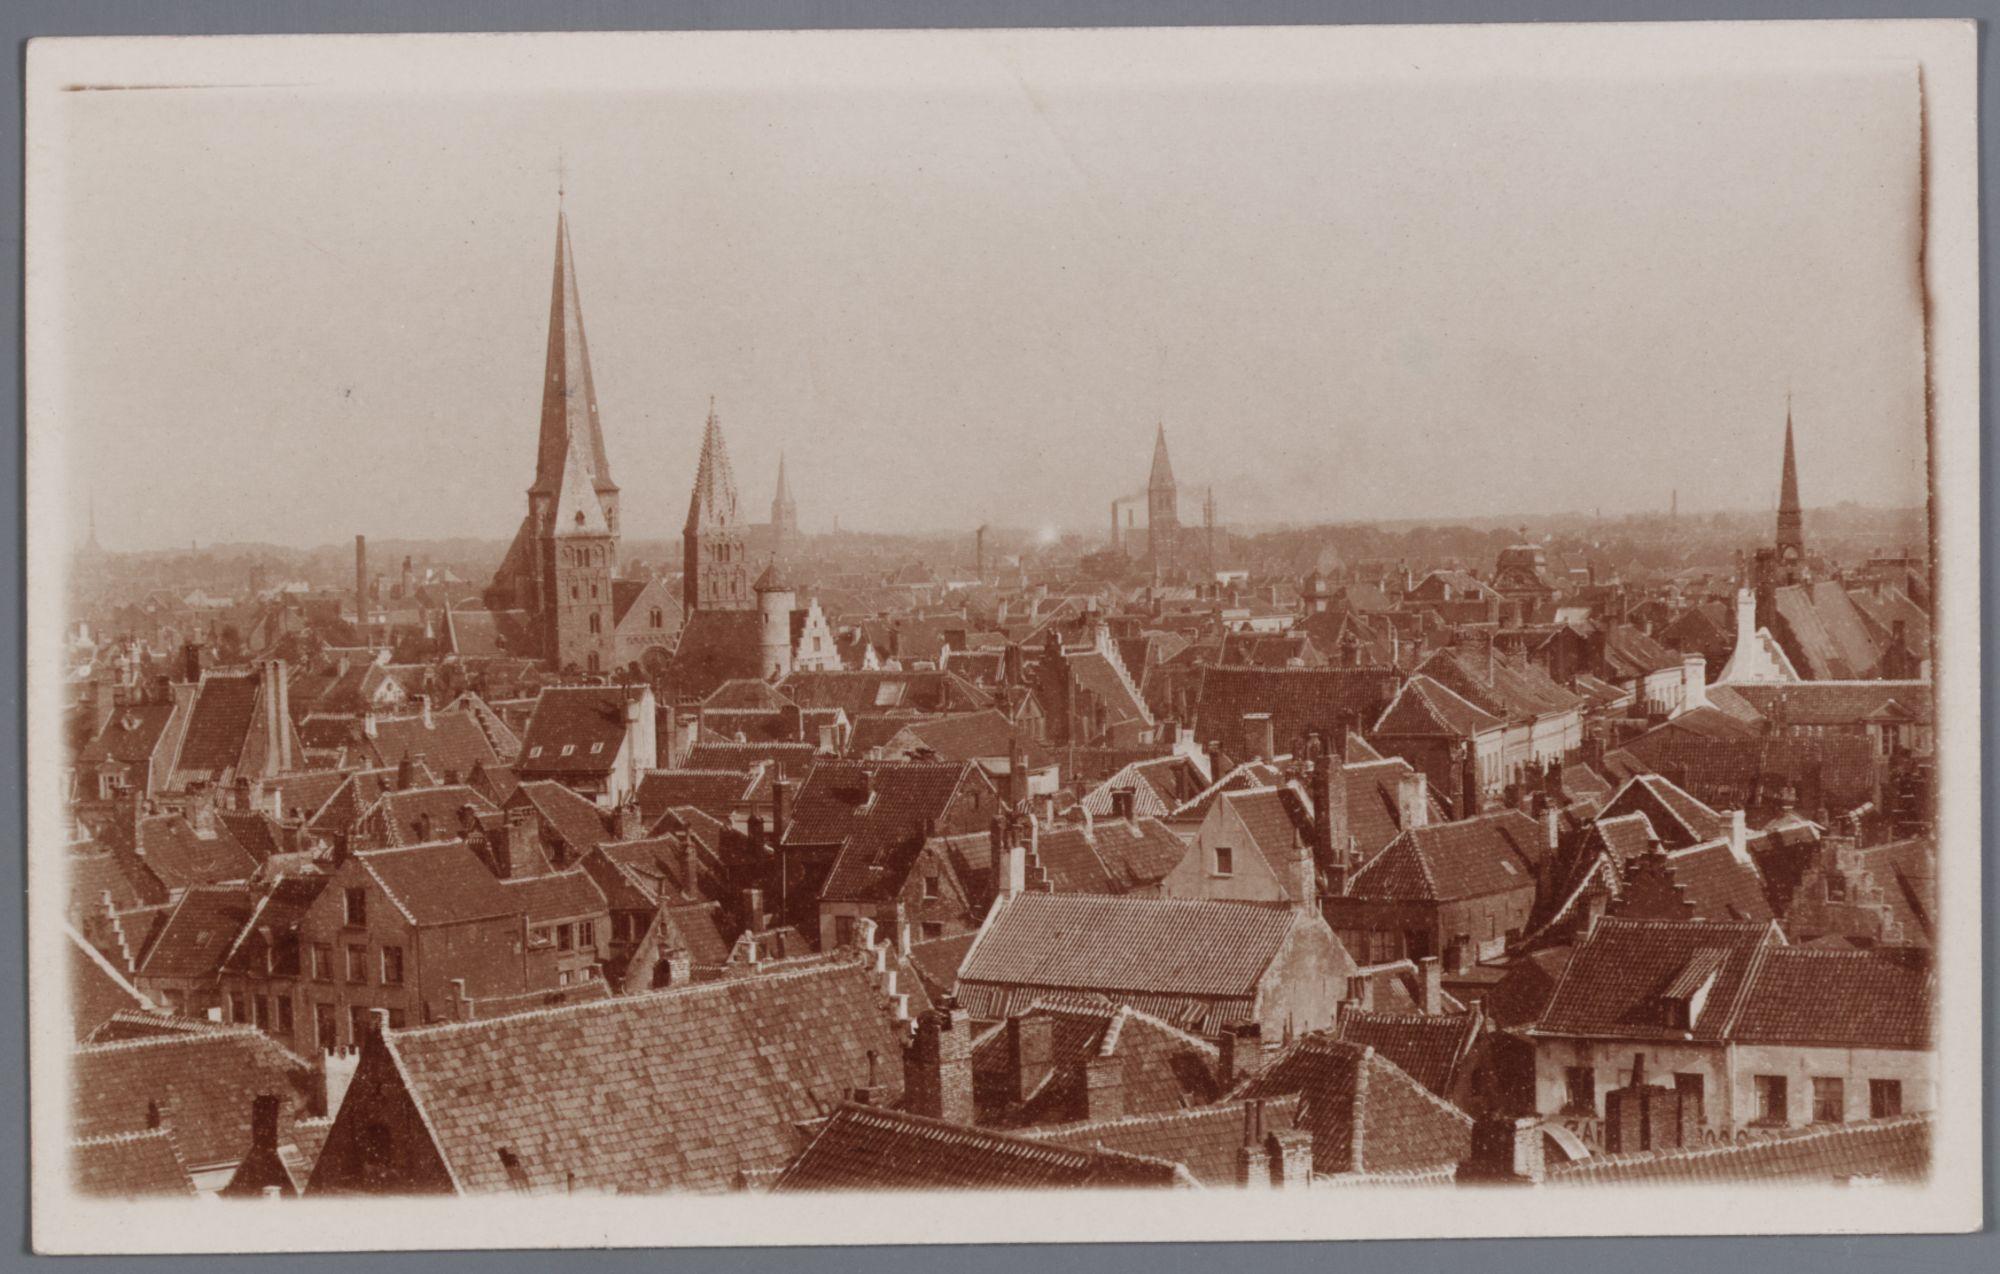 Gent: panoramazicht met de Sint-Jacobskerk en daken van huizen